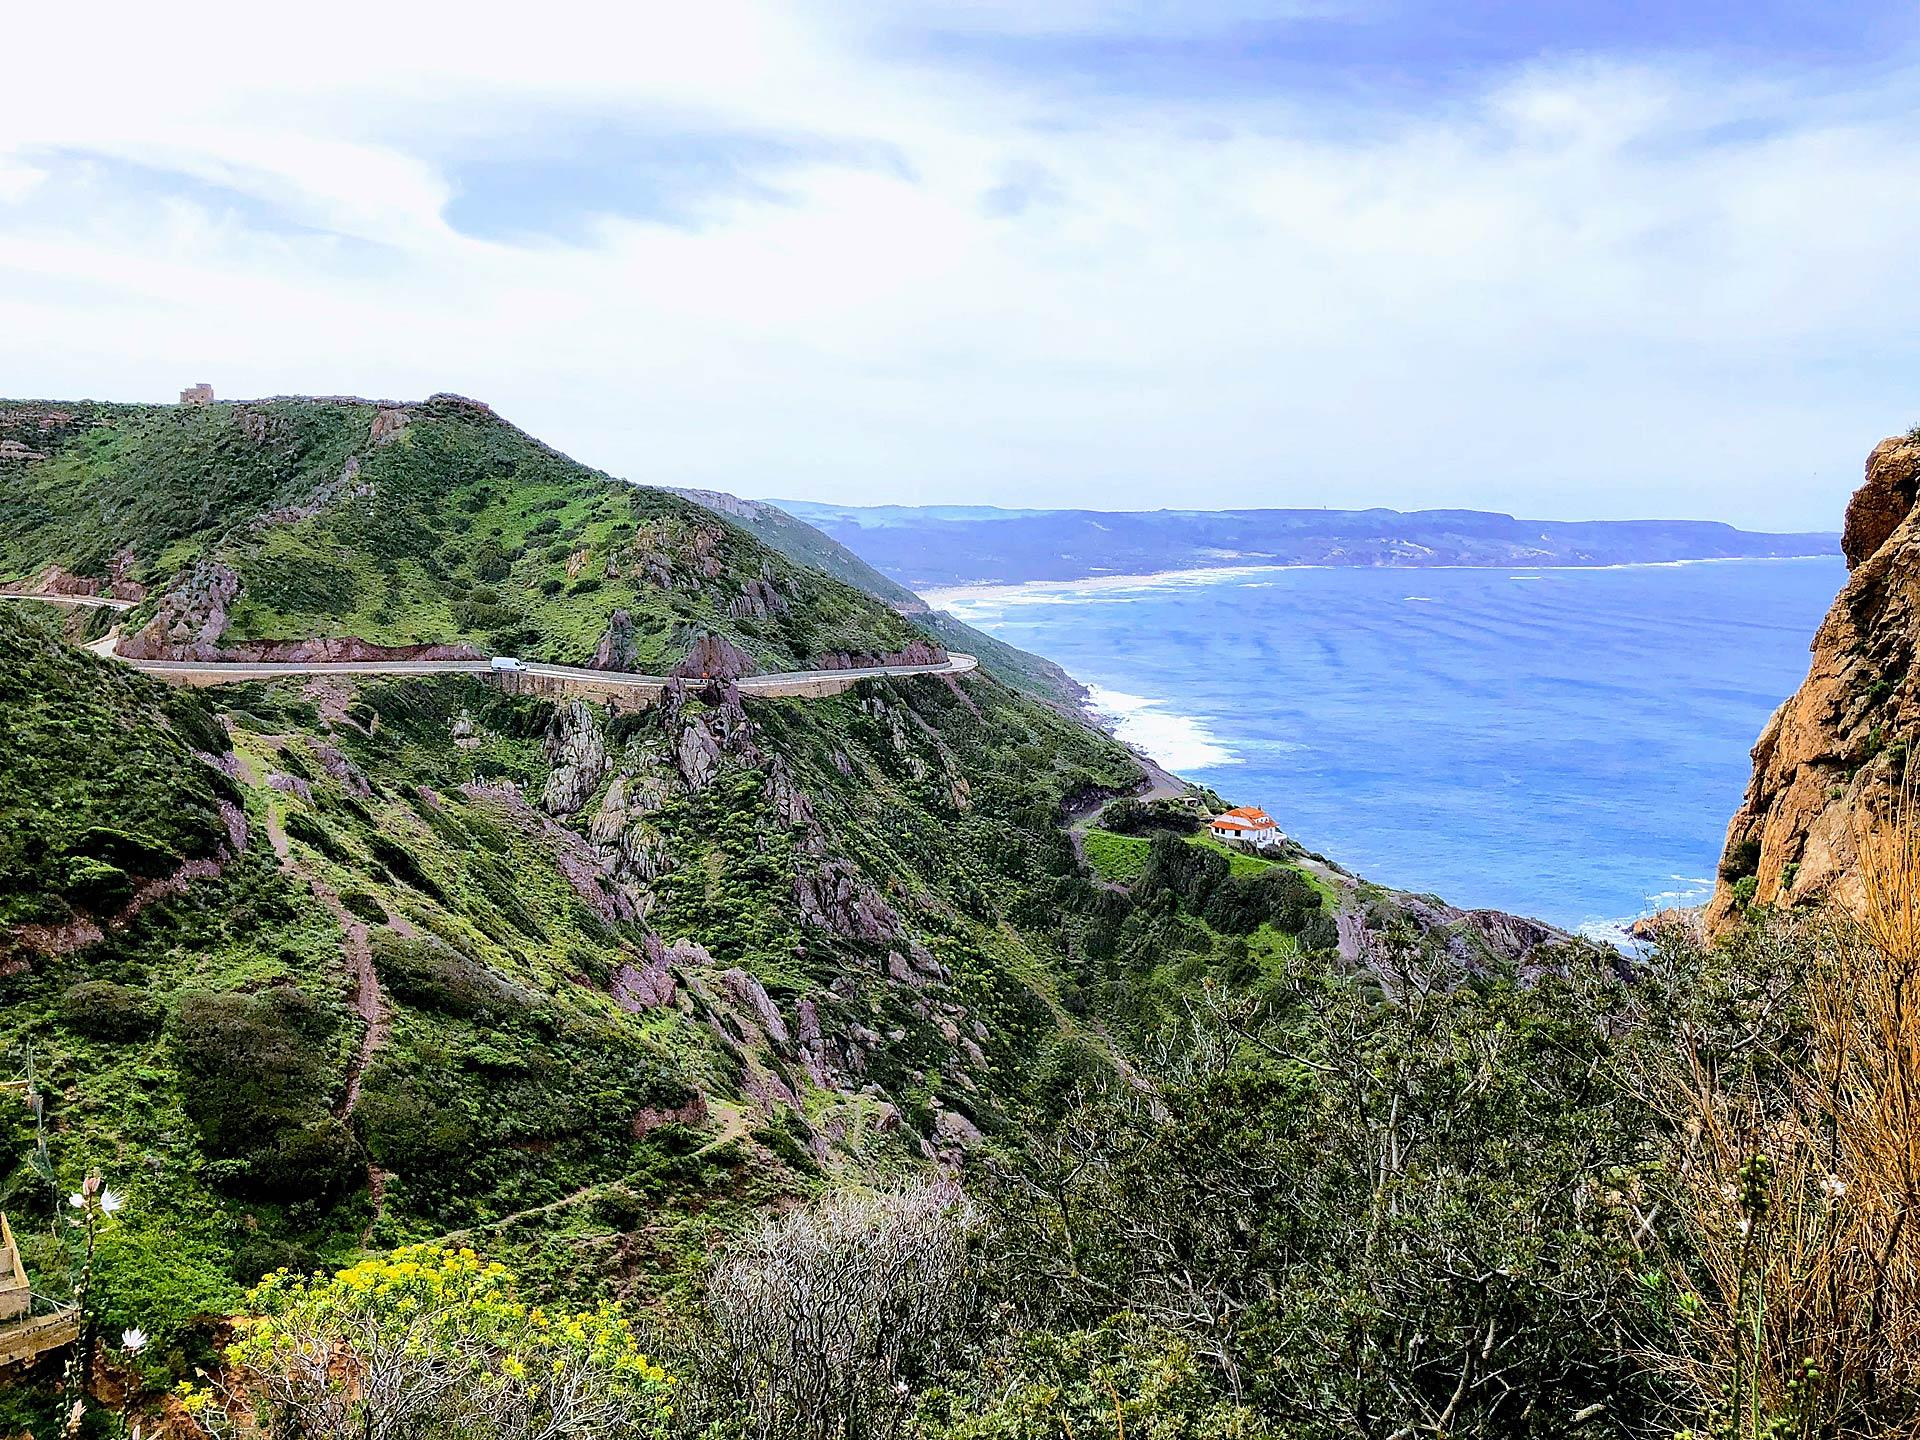 Vista dall'alto di una strada tortuosa della Sardegna del Sud, sullo sfondo si scorge il mare